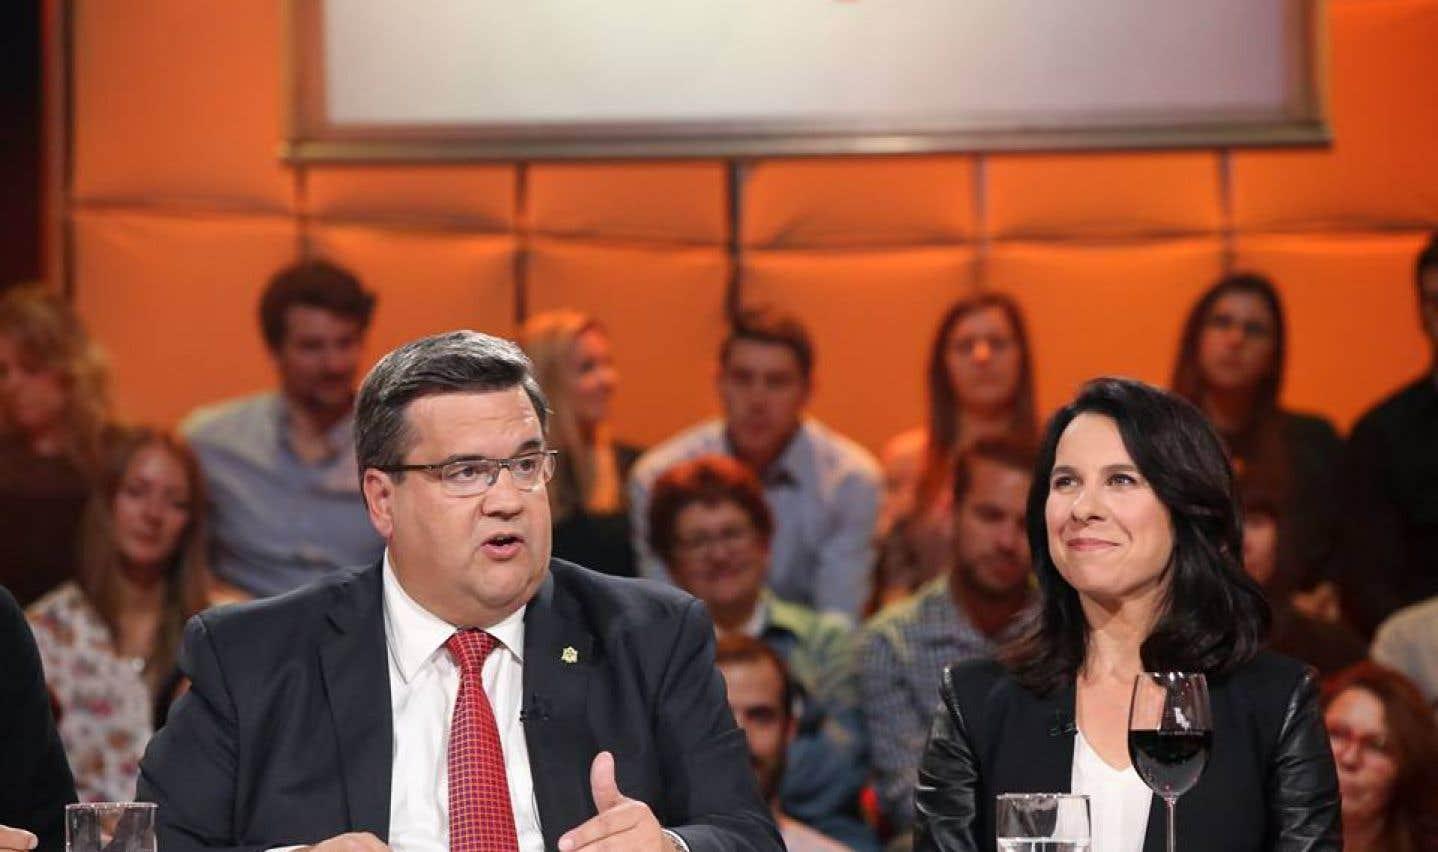 Denis Coderre et Valérie Plante sur le plateau de «Tout le monde en parle»